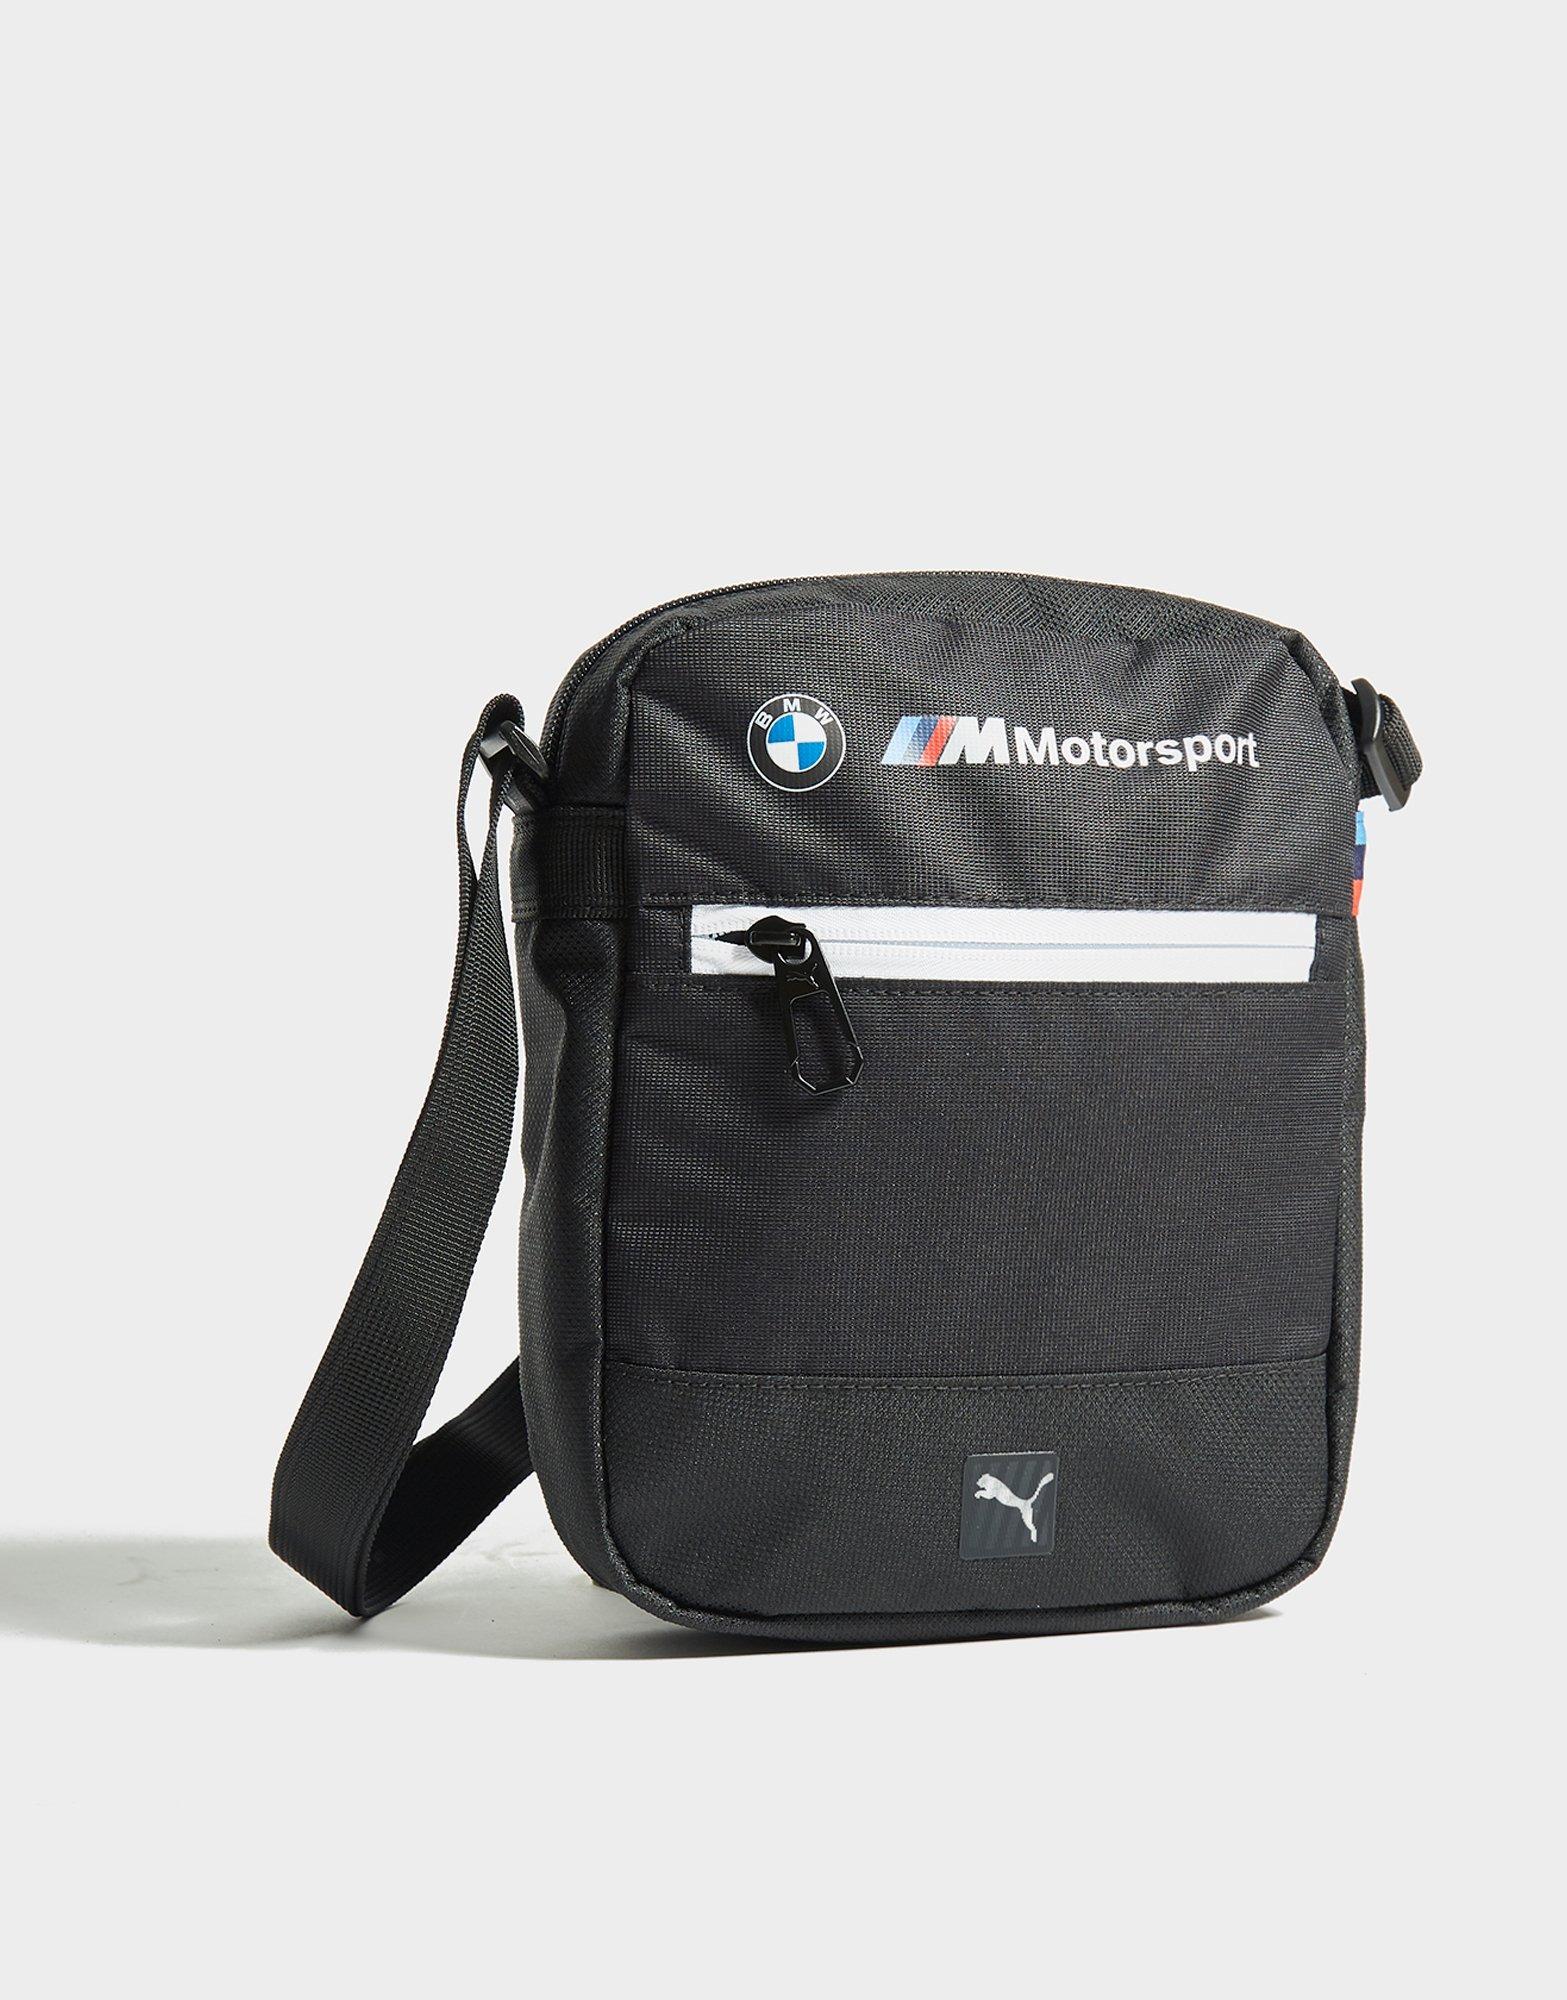 PUMA BMW Motorsport Axelväska | JD Sports Sverige